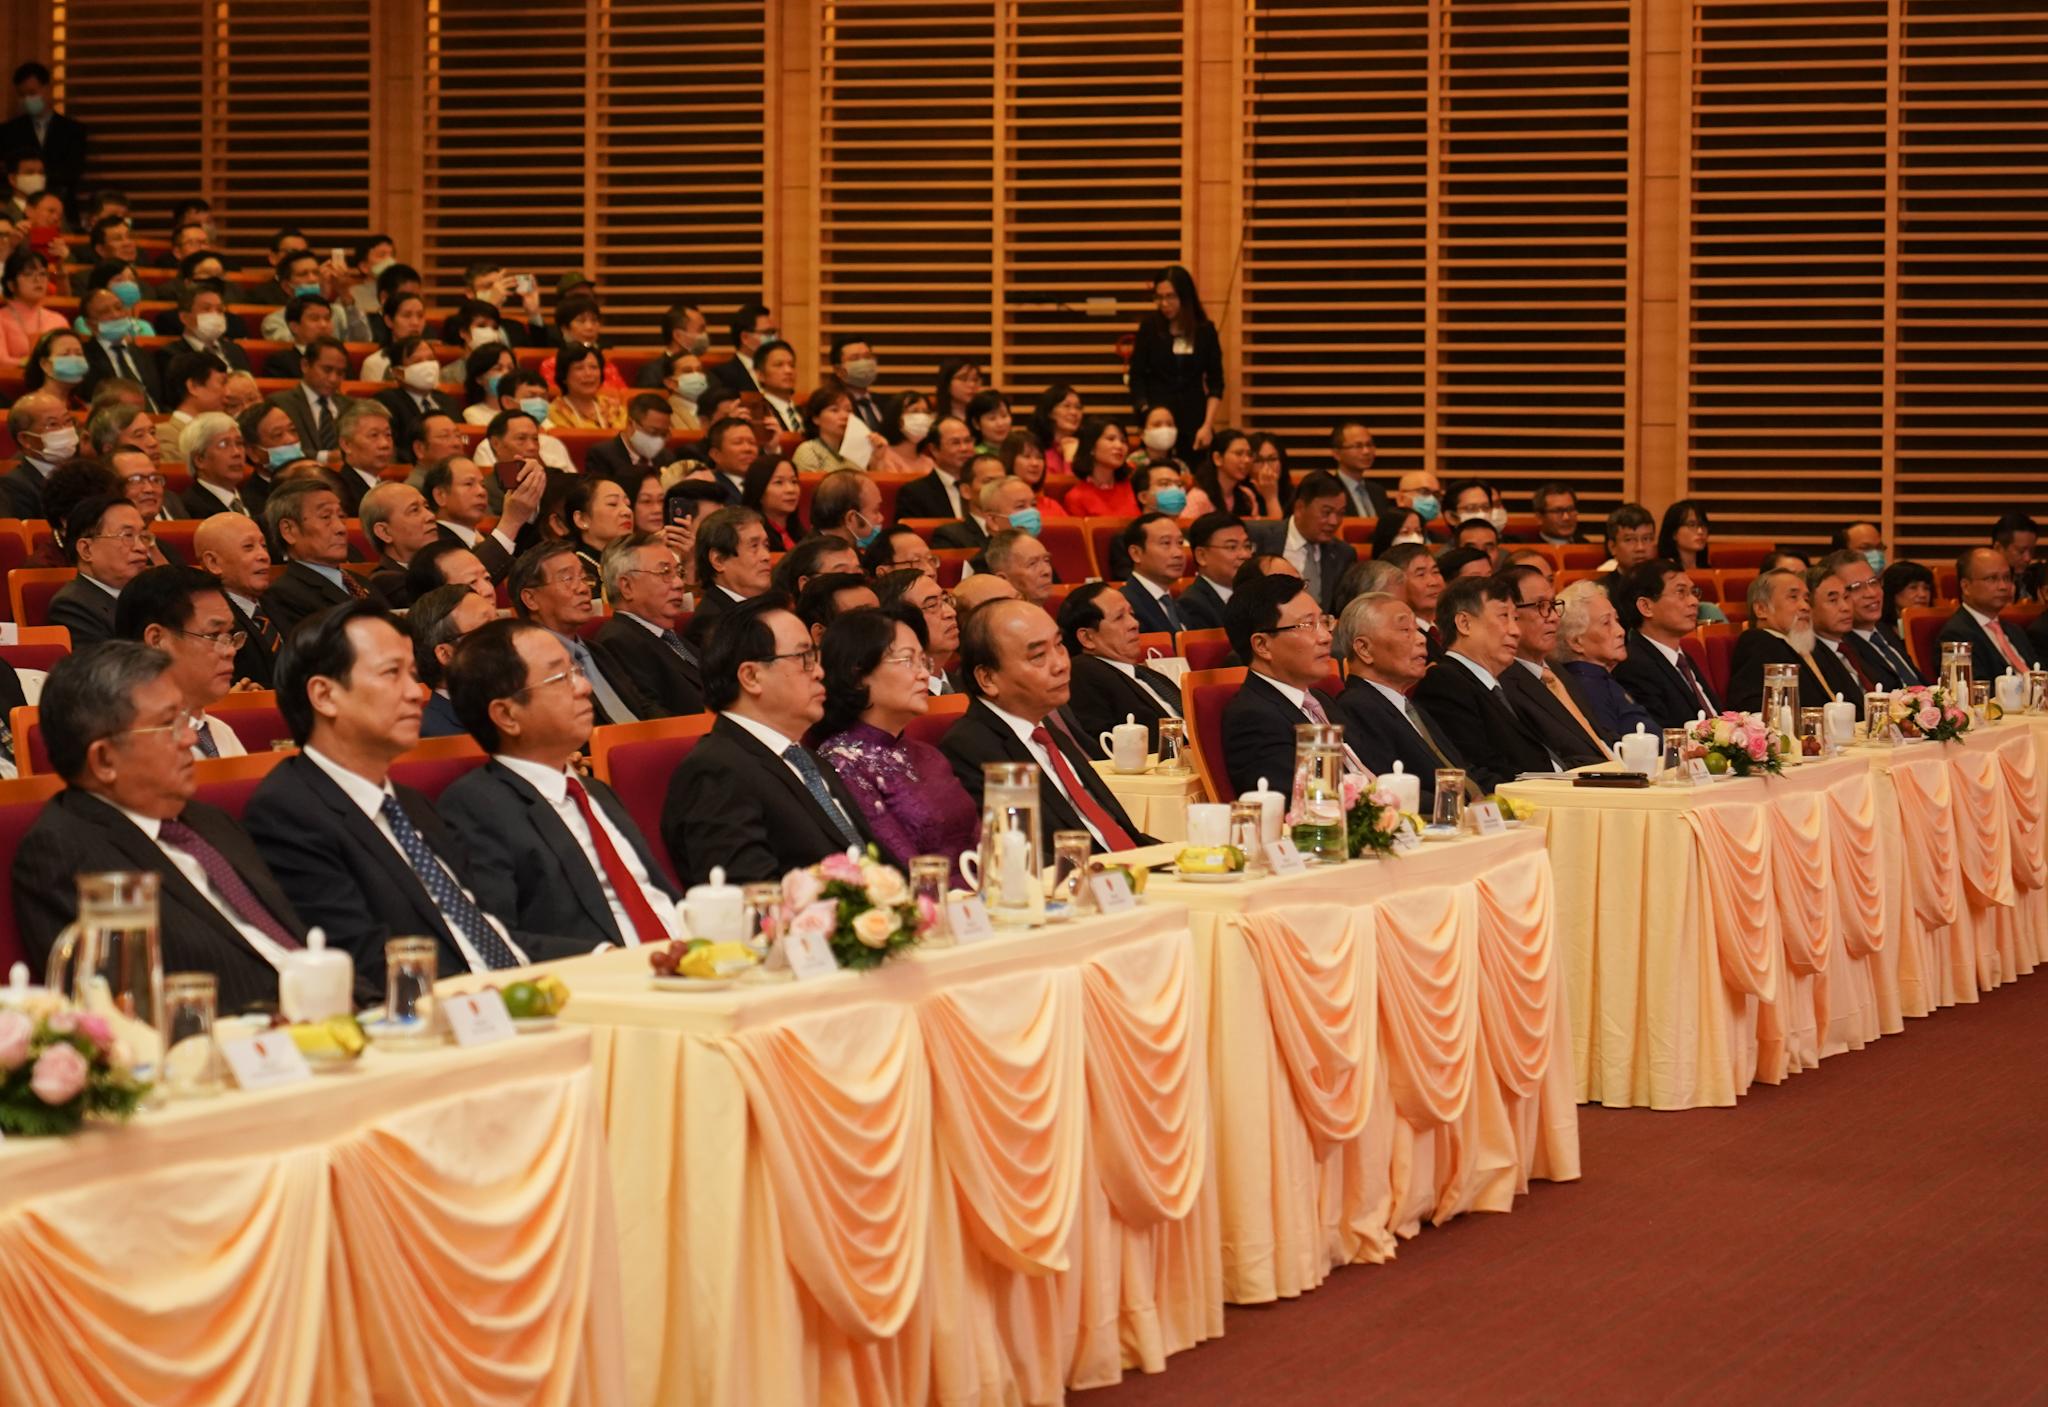 Thủ tướng dự kỷ niệm 75 năm thành lập ngành ngoại giao Việt Nam. Ảnh VGP/Quang Hiếu